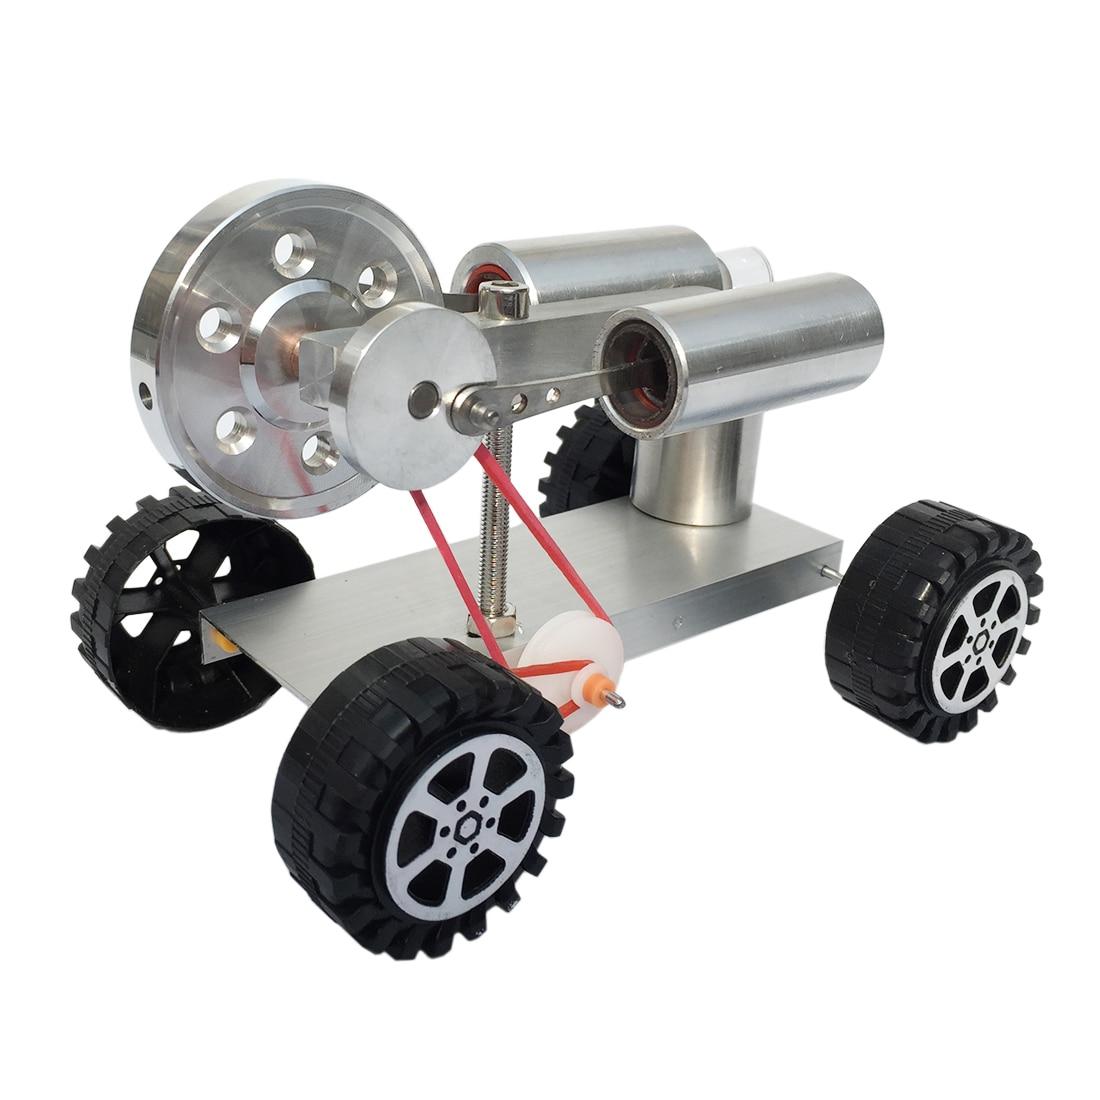 Enfants Science jouets éducatifs Base en métal roue en caoutchouc Stirling moteur chariot vapeur tige modèle Kit de construction 2019 enfant cadeau